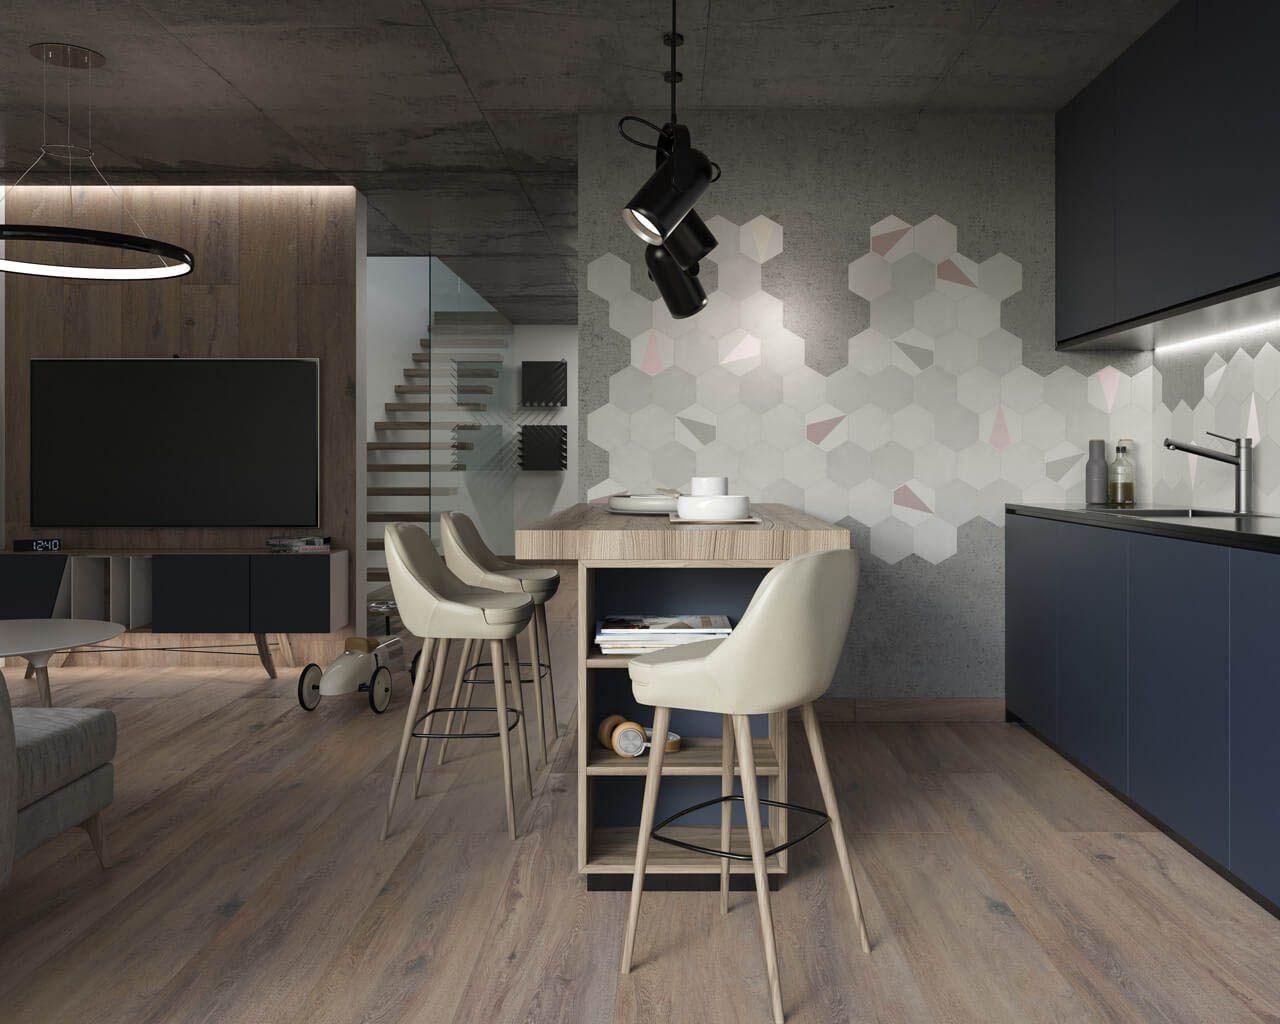 Moderne Küche mit Salon und Geometrie im Hintergrund ...